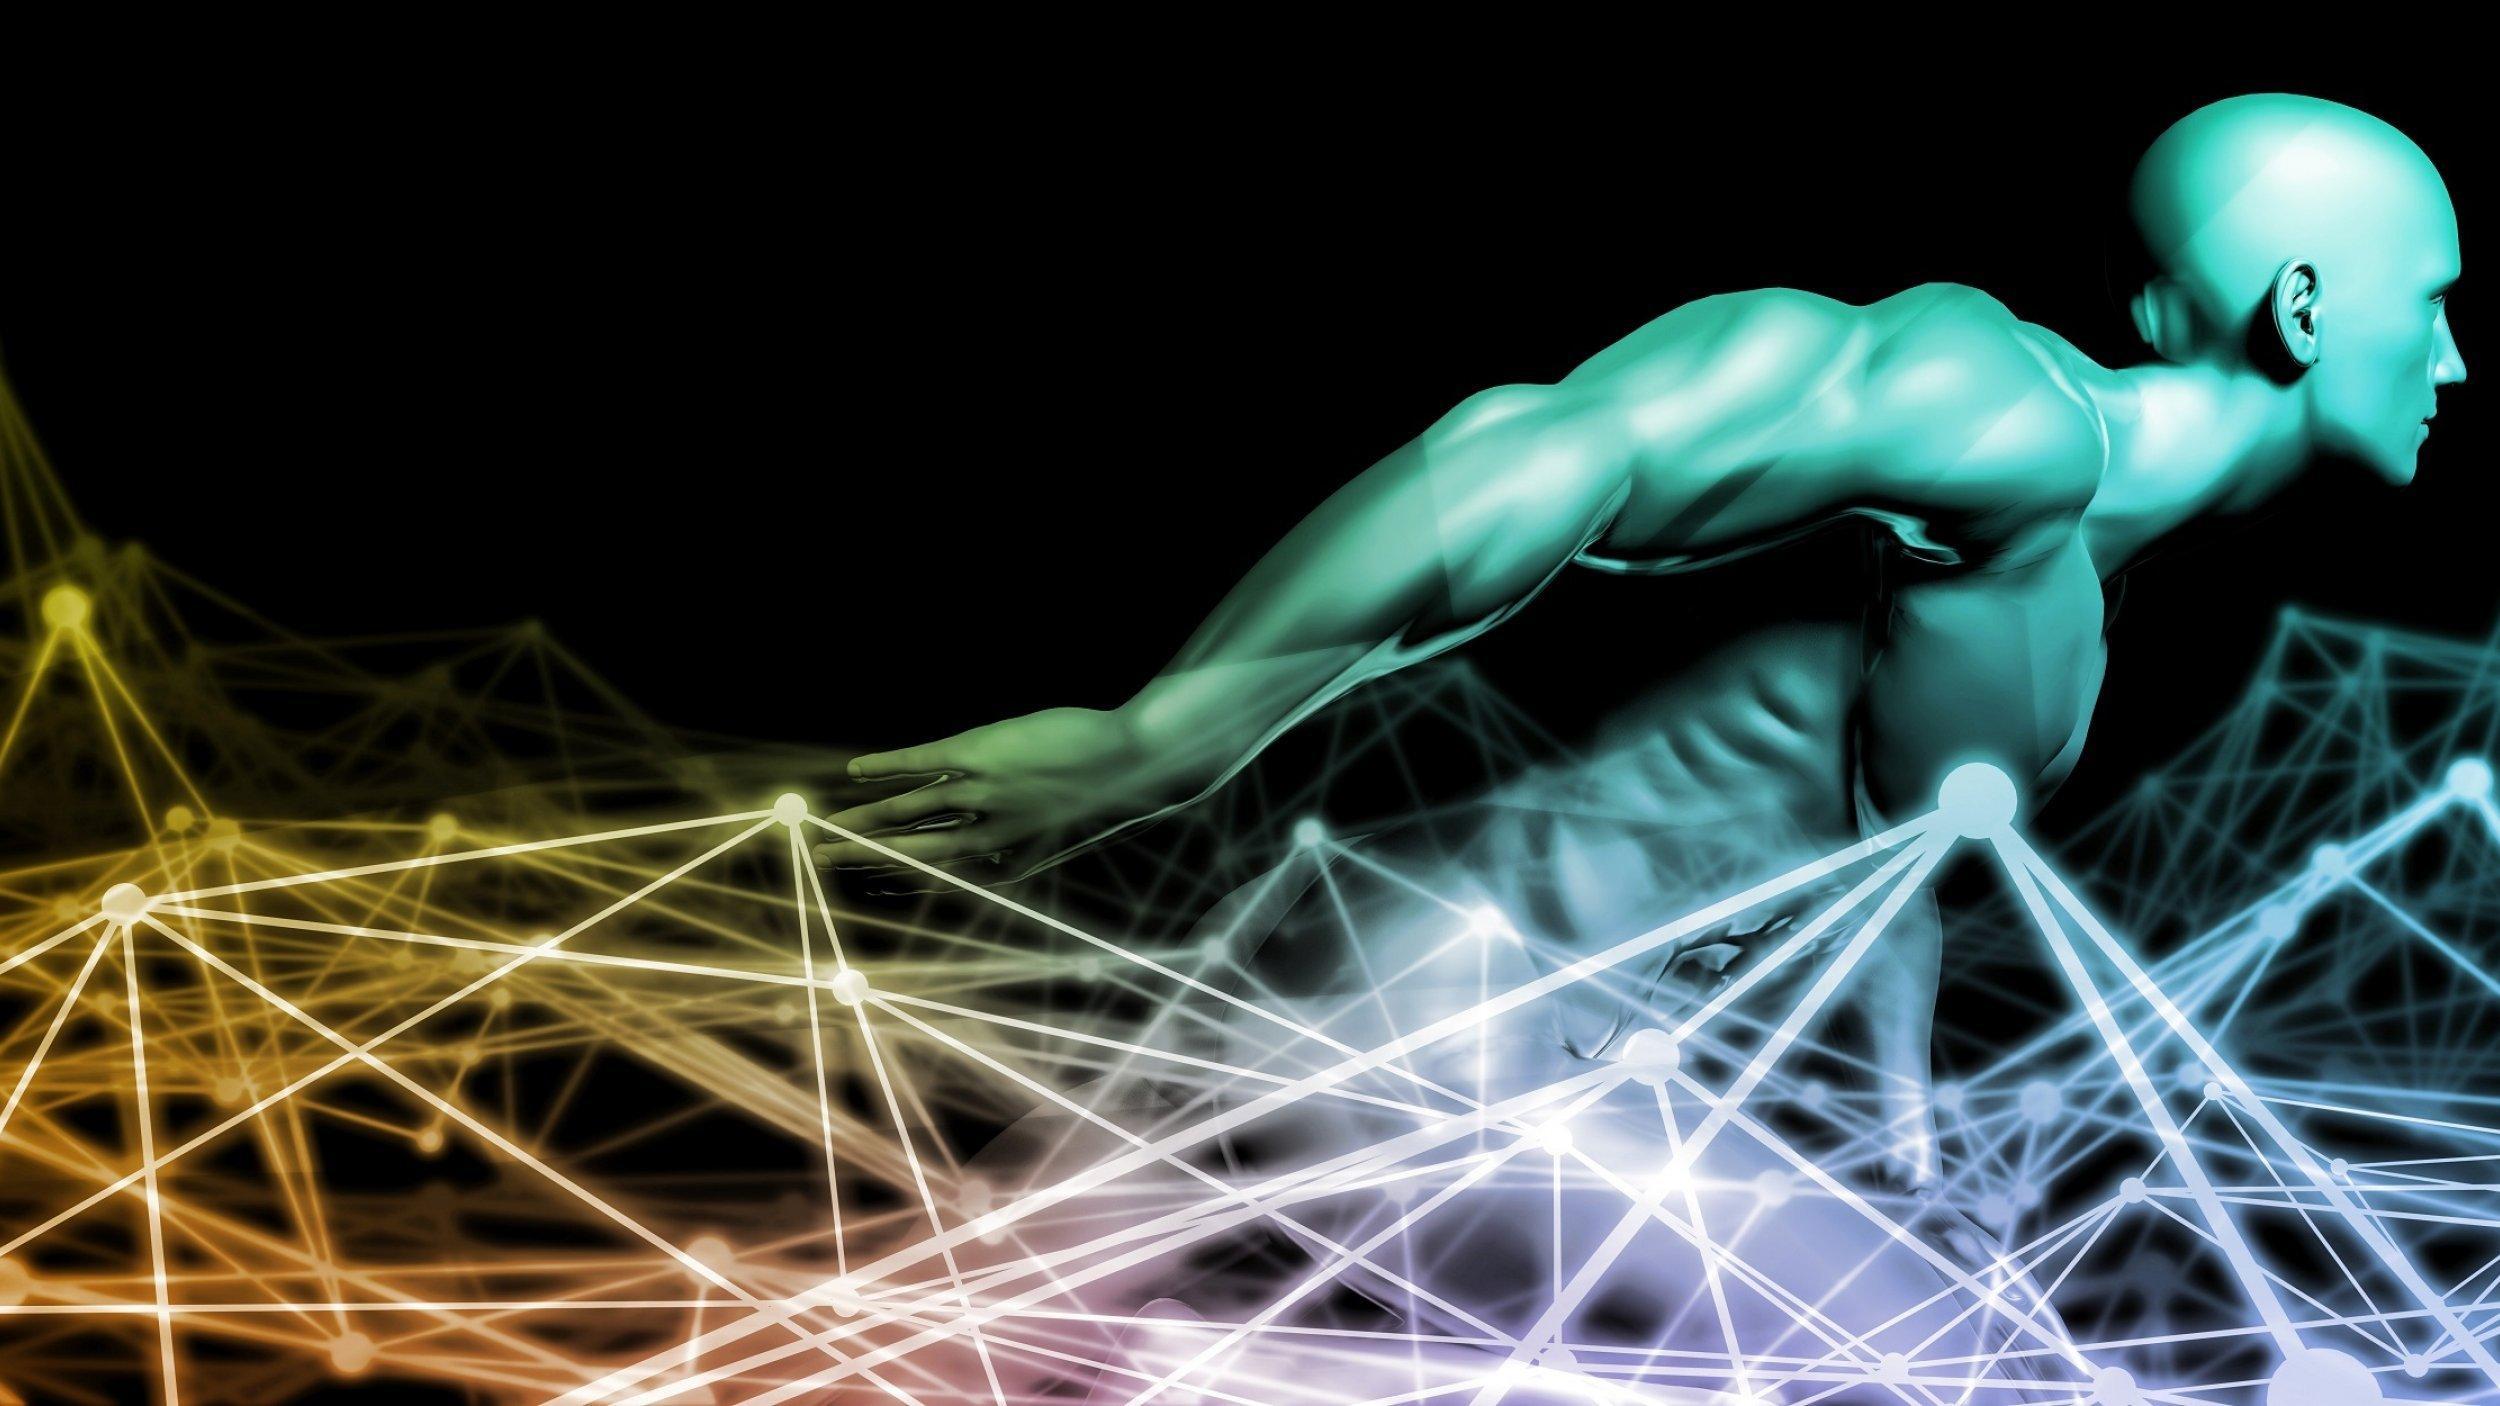 Futuristische Grafik eines hockenden Mannes, der sich aus einem symbolisierten Netz erhebt, das eine Vielzahl systembiologischer Daten miteinander bilden.